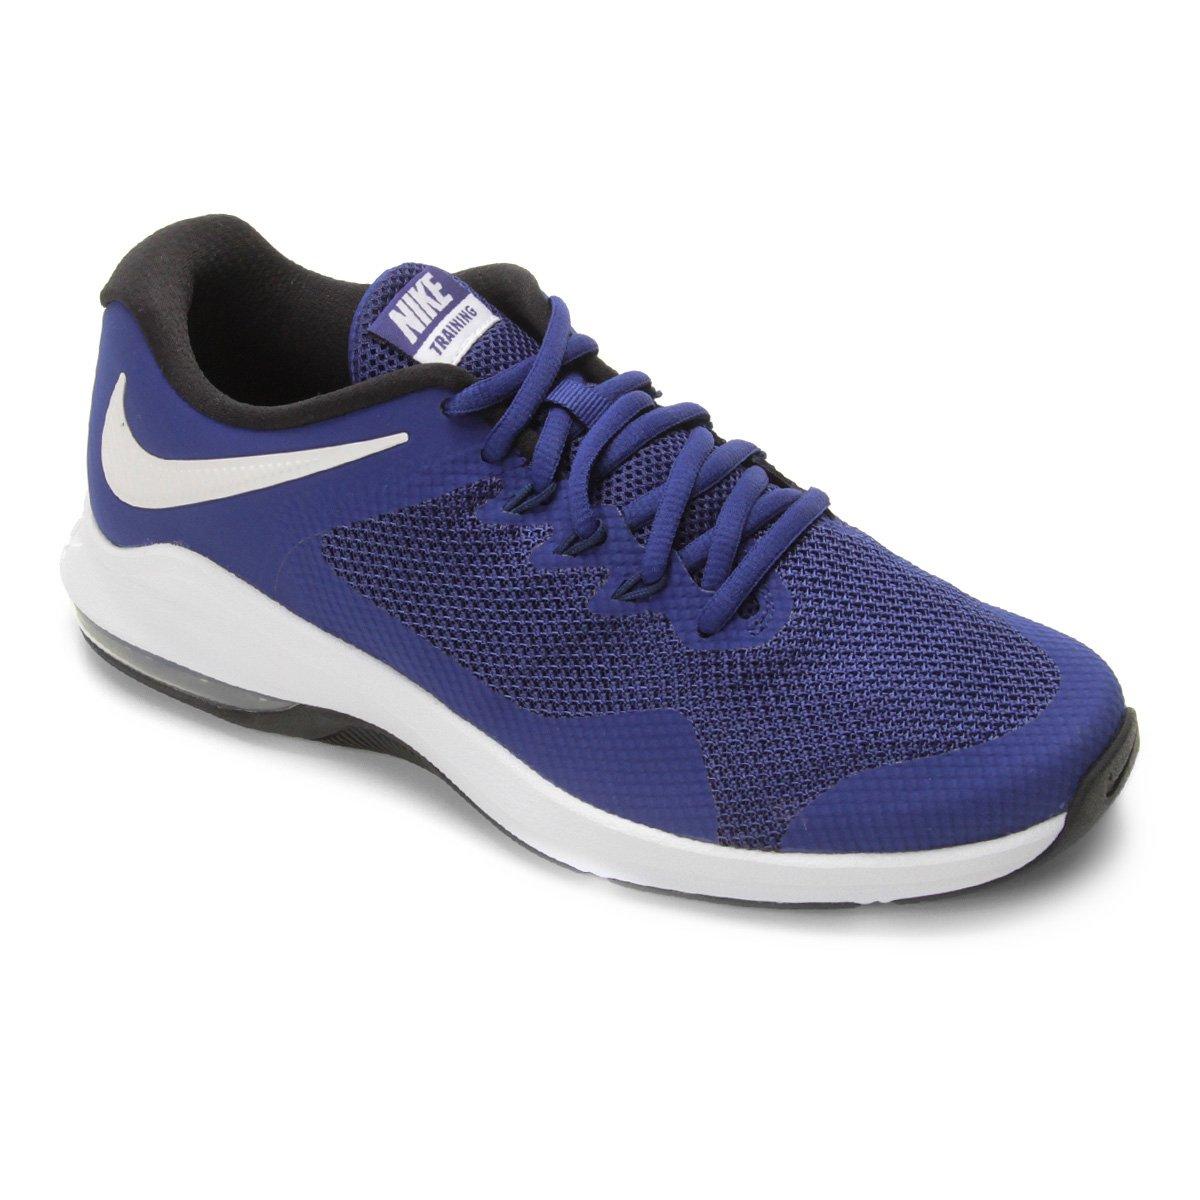 6bb39e9601 Tênis Nike Air Max Alpha Trainer Masculino - Azul Escuro | Allianz Parque  Shop